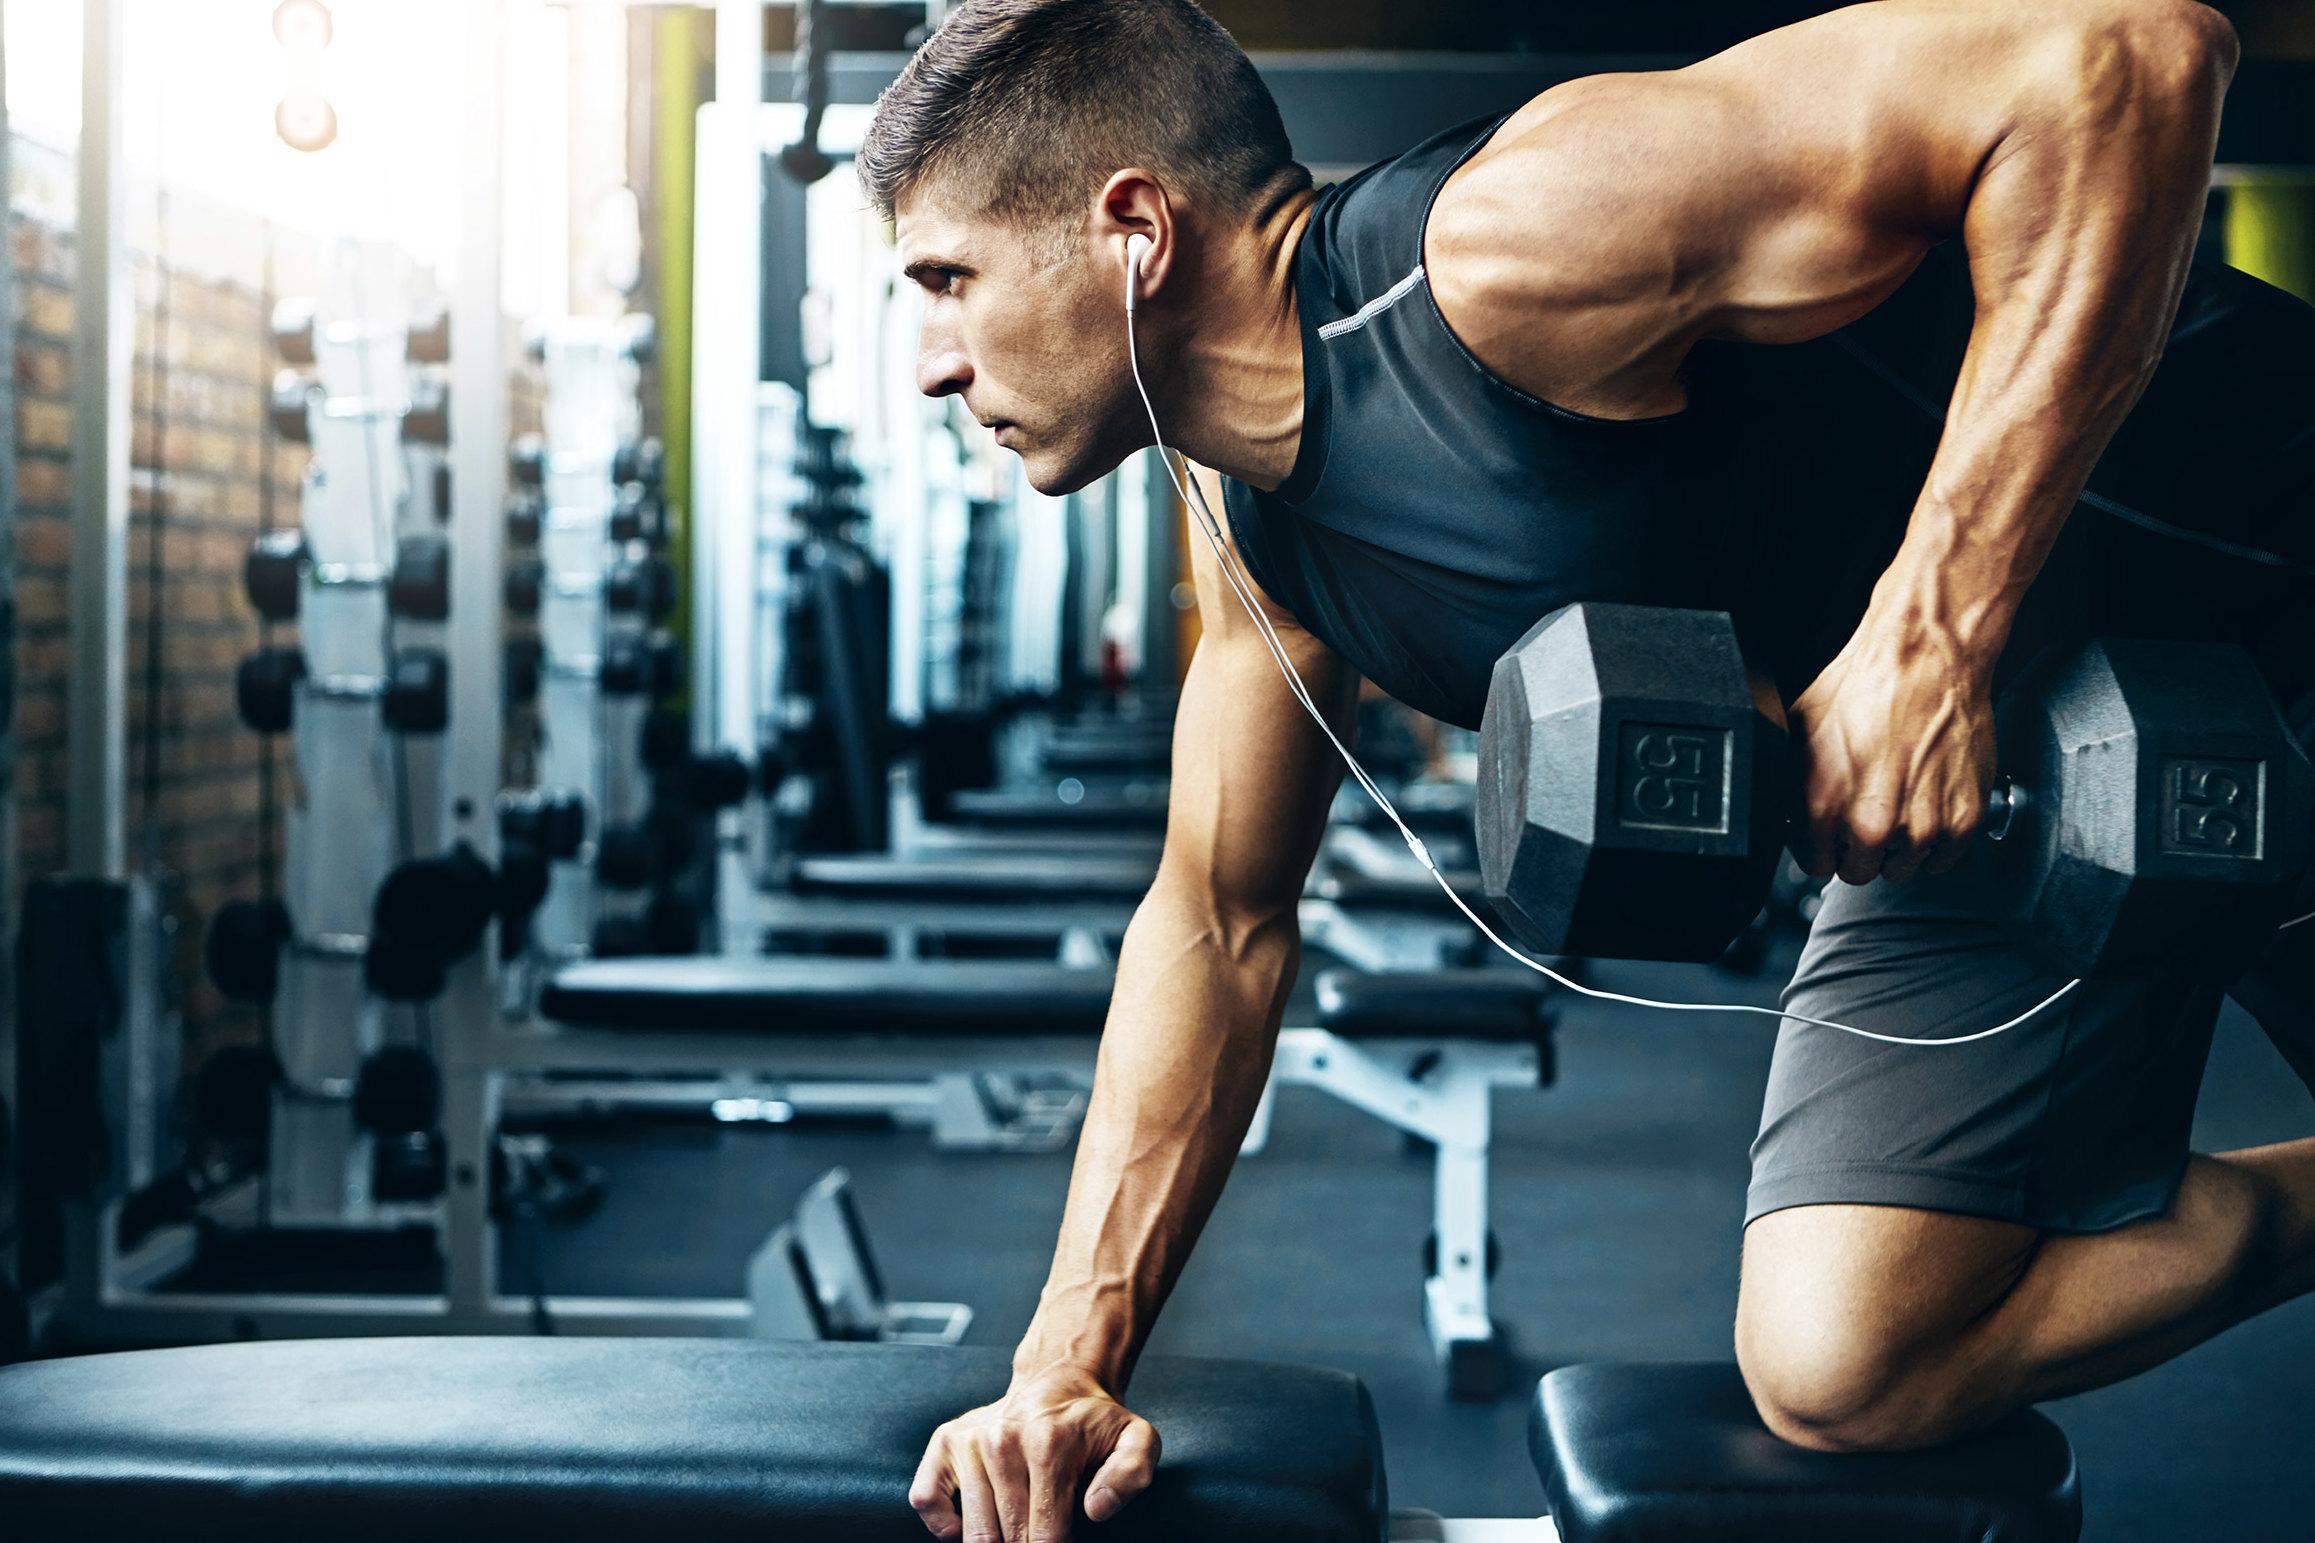 Парень атлет после тренировки получает эротический массаж вместо спортивного